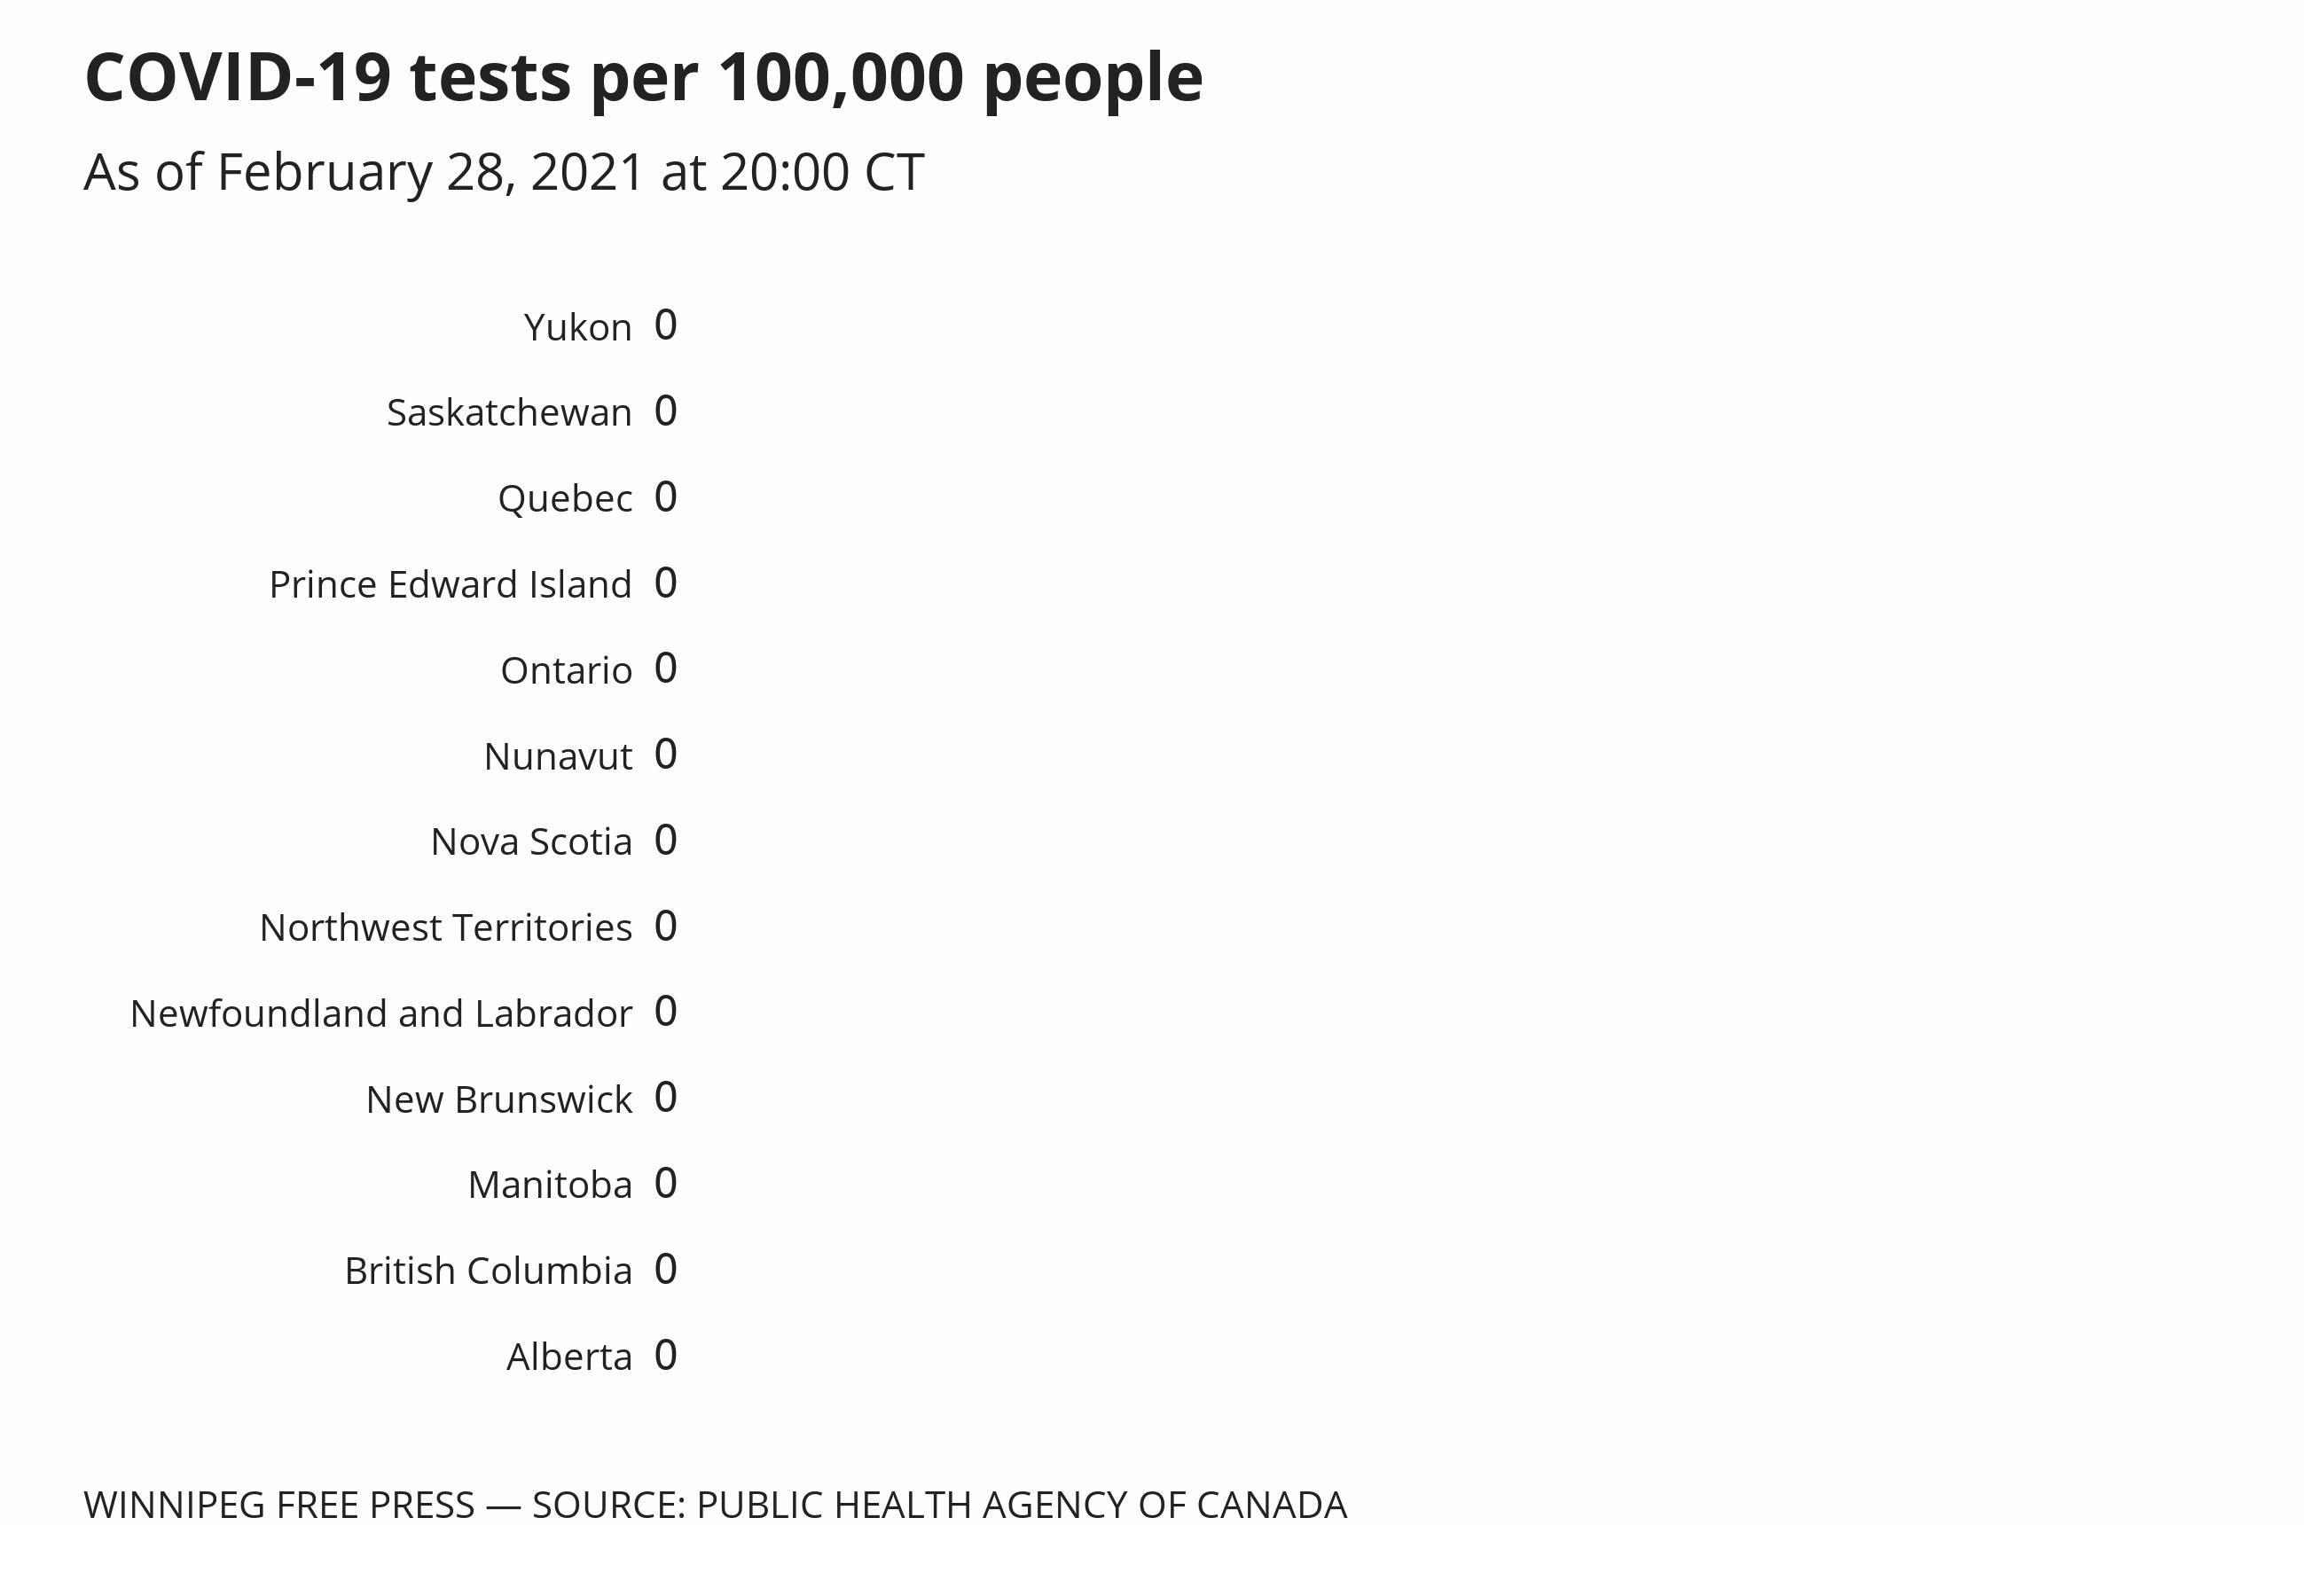 Comparison of COVID-19 testing per capita across the provinces